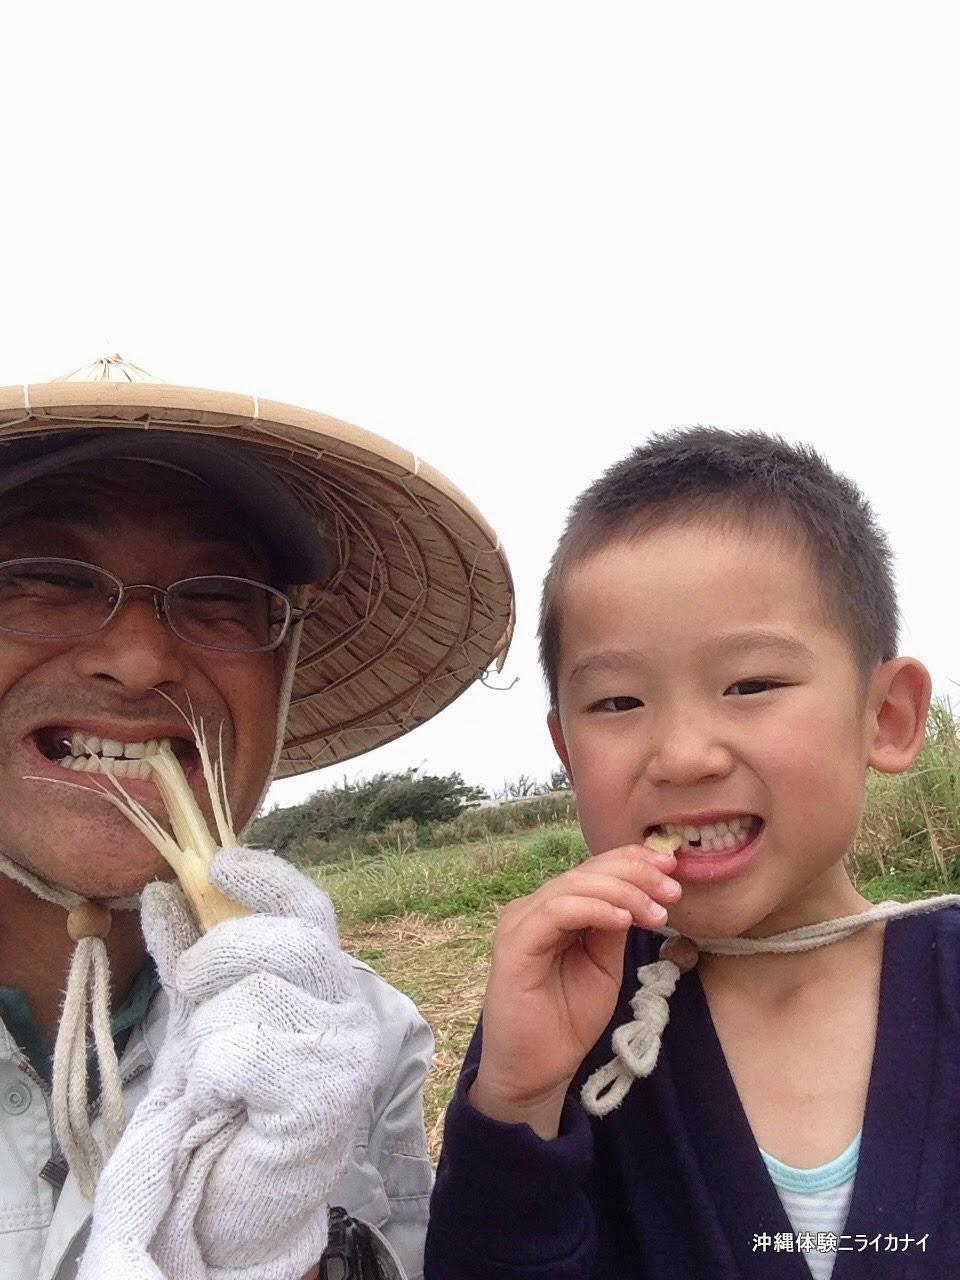 沖縄体験/観光 サトウキビ刈りと丸かじり